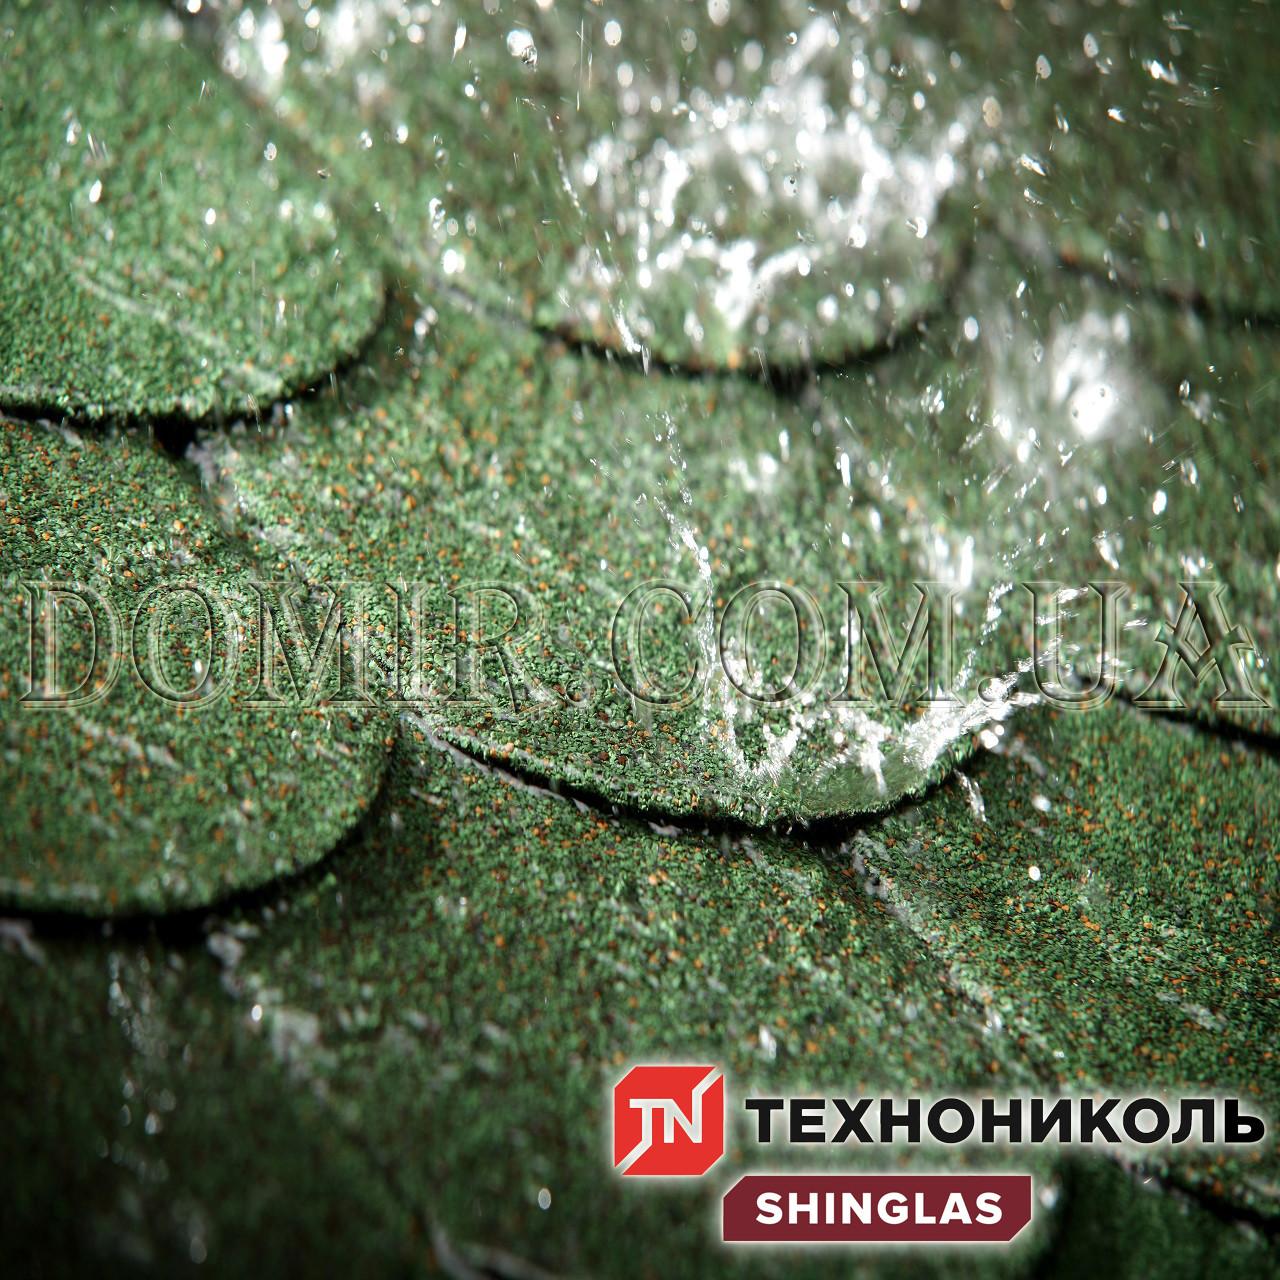 Бітумна черепиця Shinglas (Техноніколь)